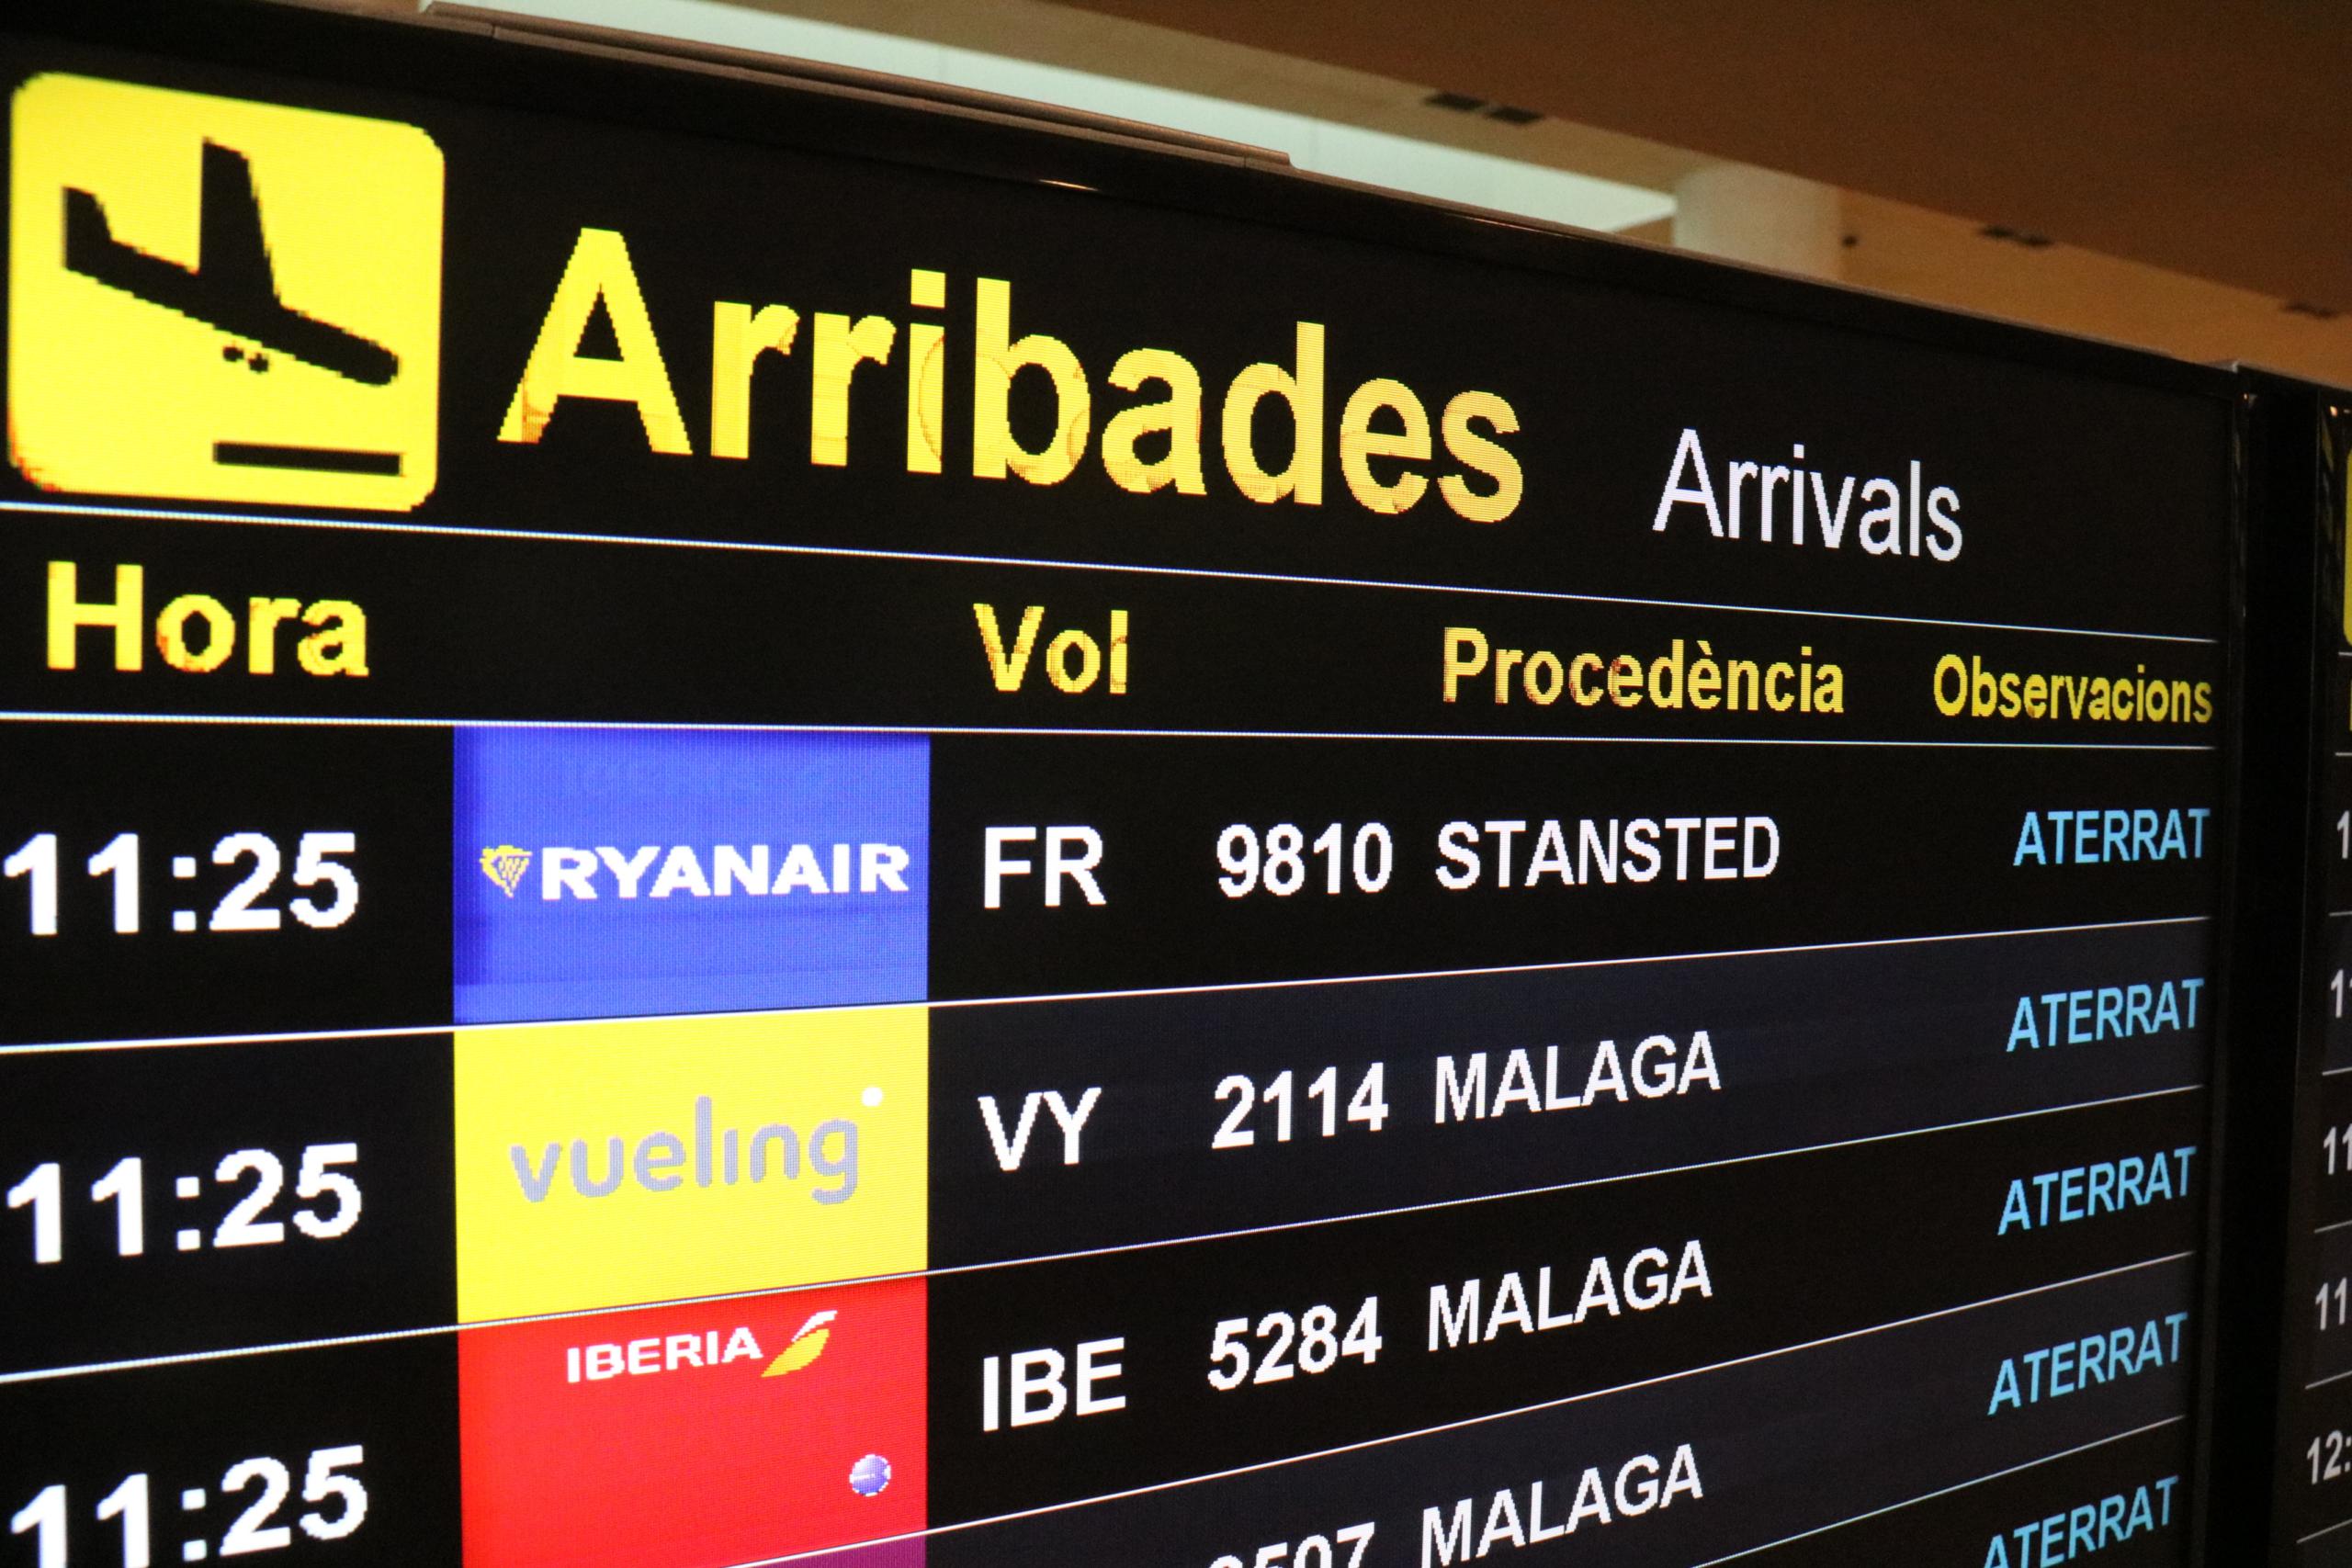 La pantalla d'arribades de l'aeroport del Prat, on s'hi llegeixen les dades d'un vol de Londres / ACN